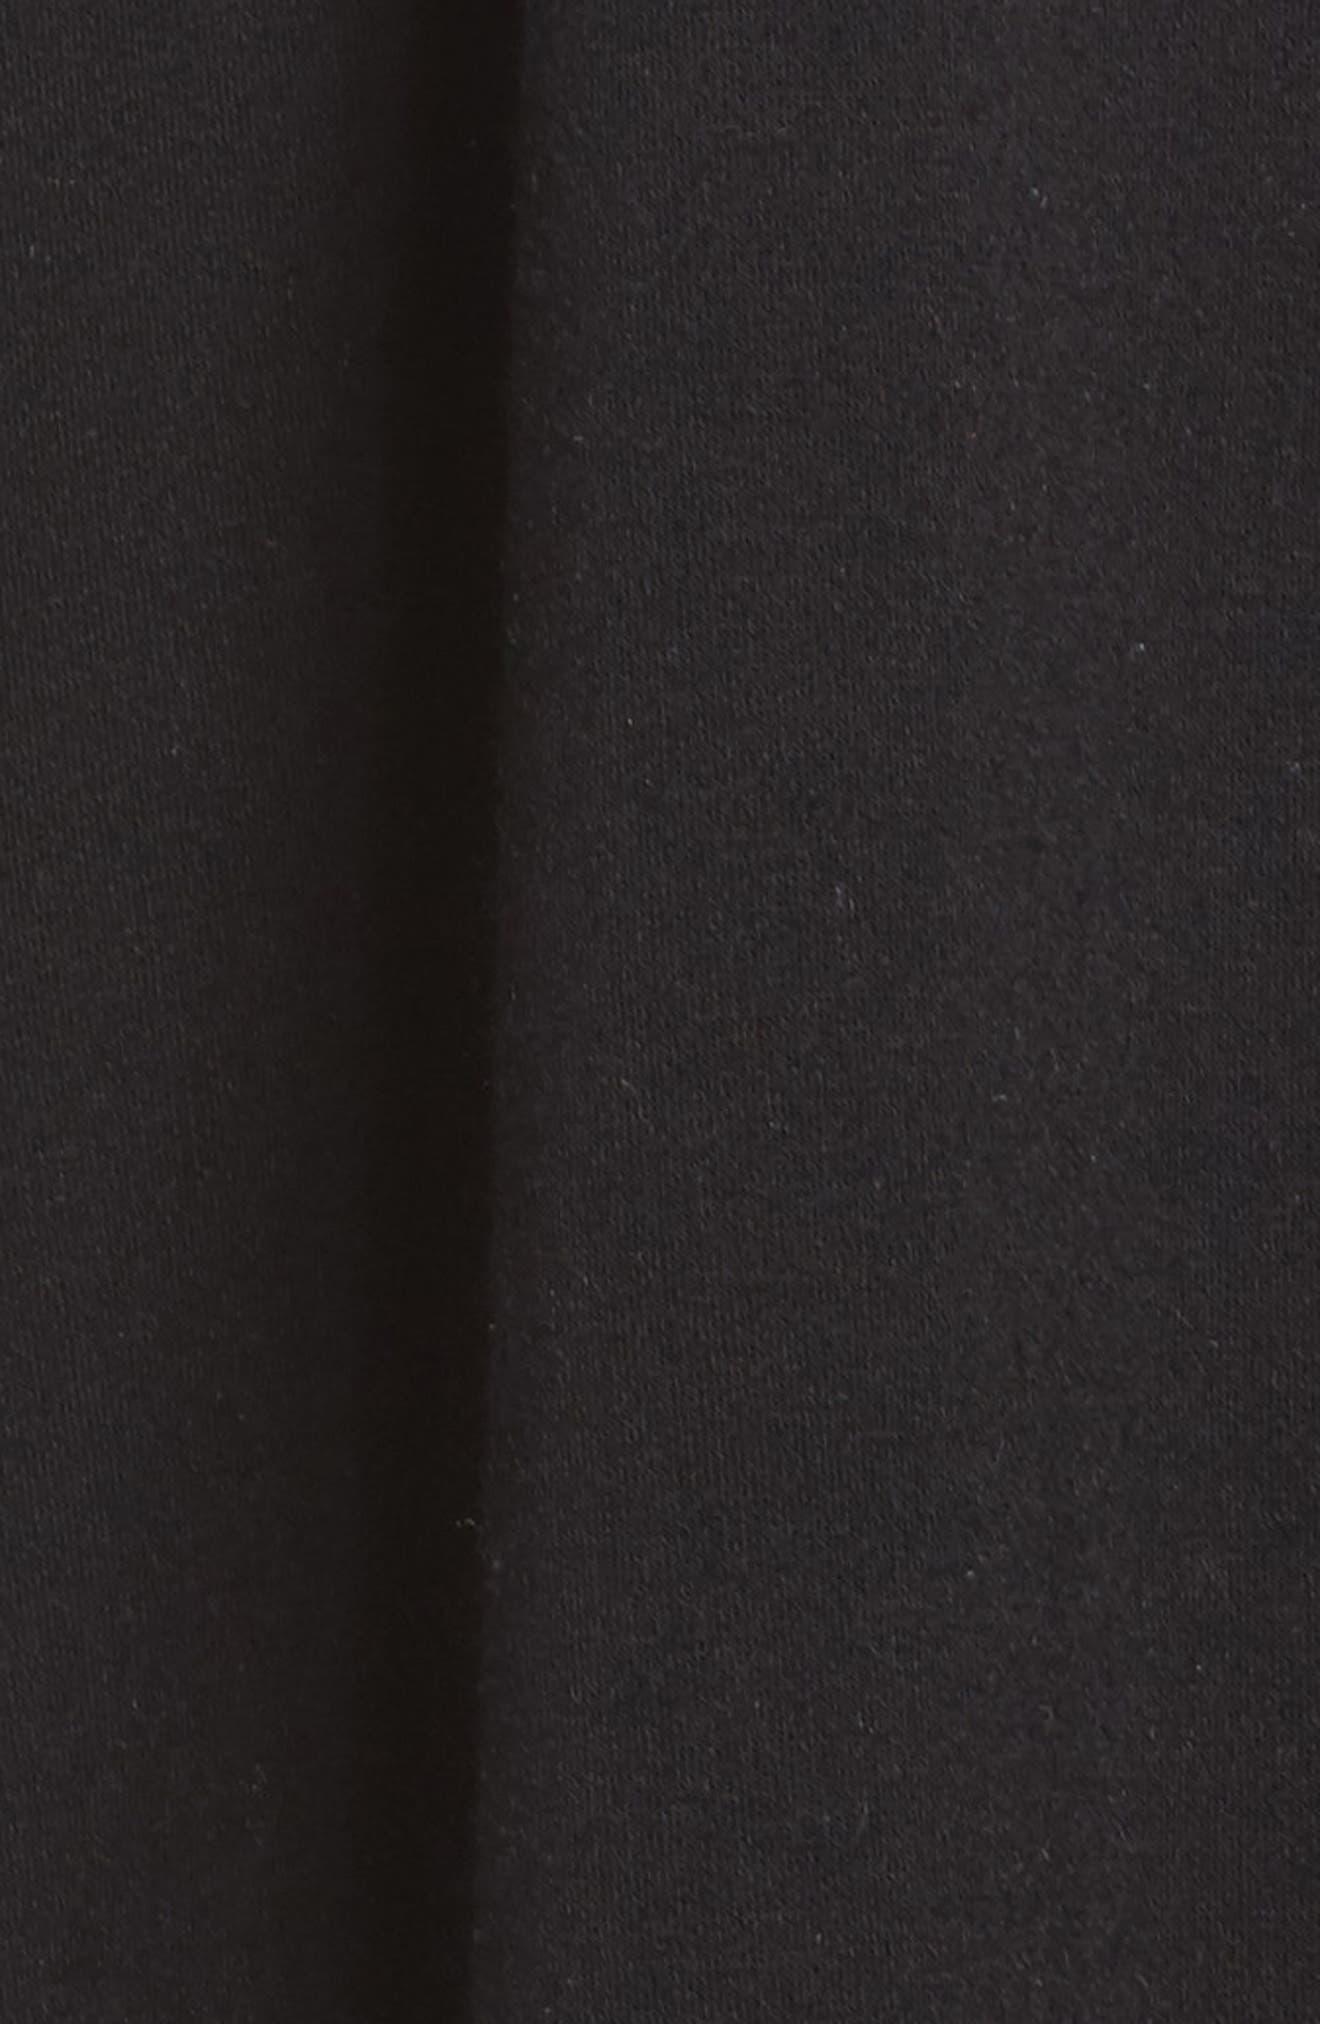 Love & Fleece Split-Back Hooded Cardigan,                             Alternate thumbnail 6, color,                             Black